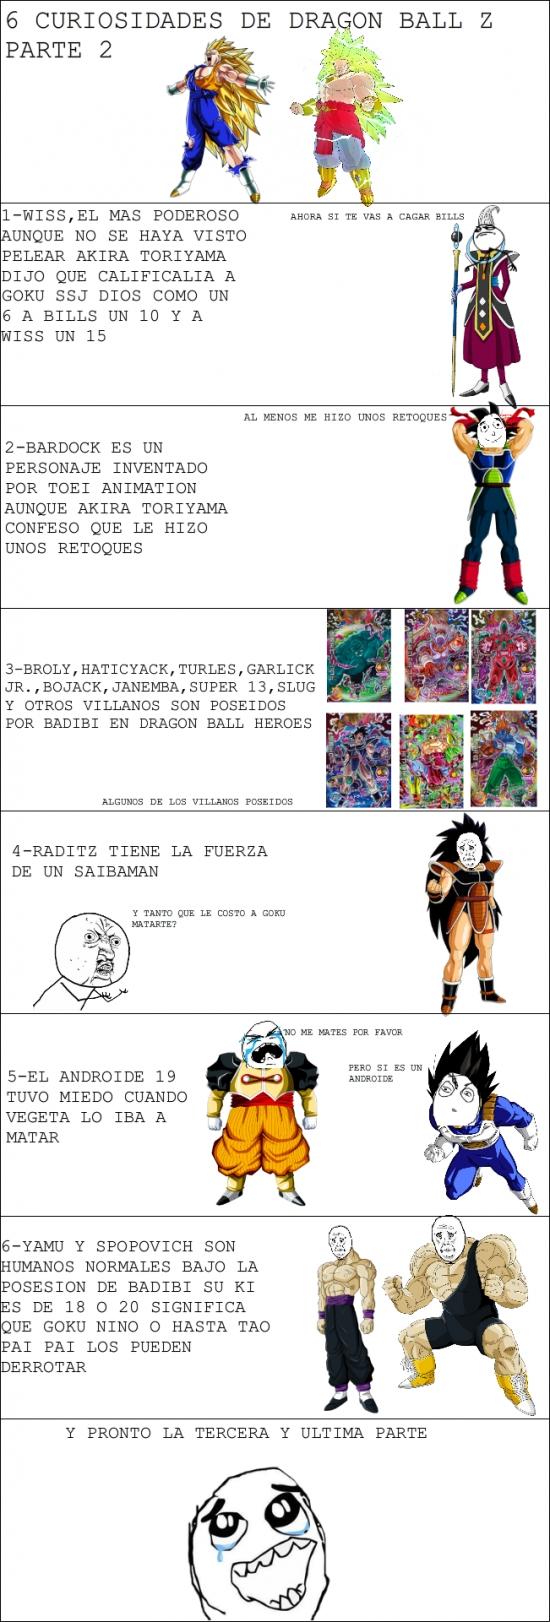 Otros - 6 Curiosidades de Dragon Ball Z Parte 2